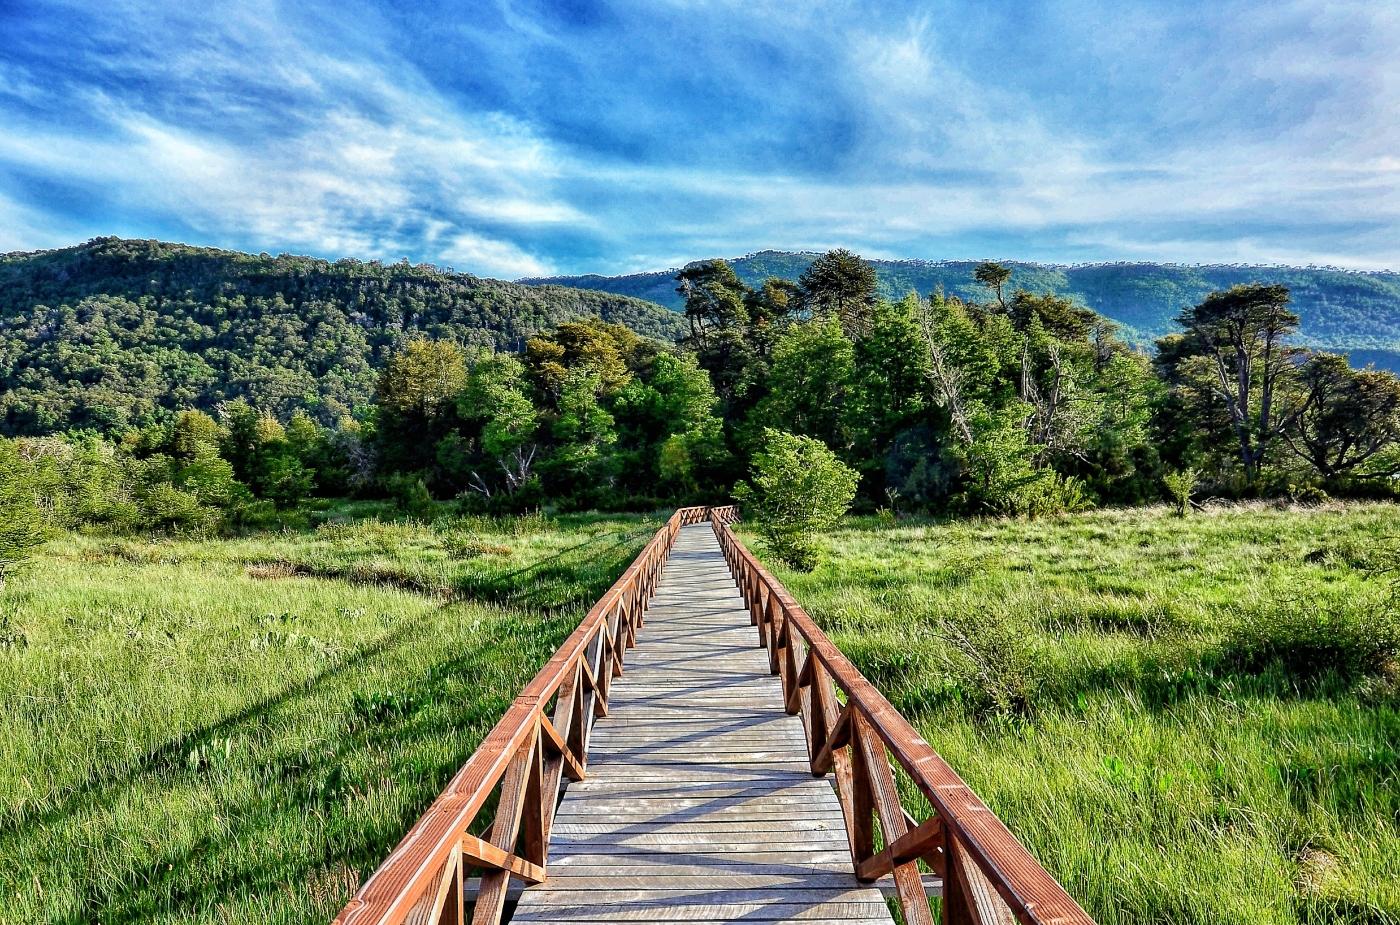 Imagen del Parque Nacional Tolhuaca donde se ve un cielo despejado y un largo puente a bosques nativos